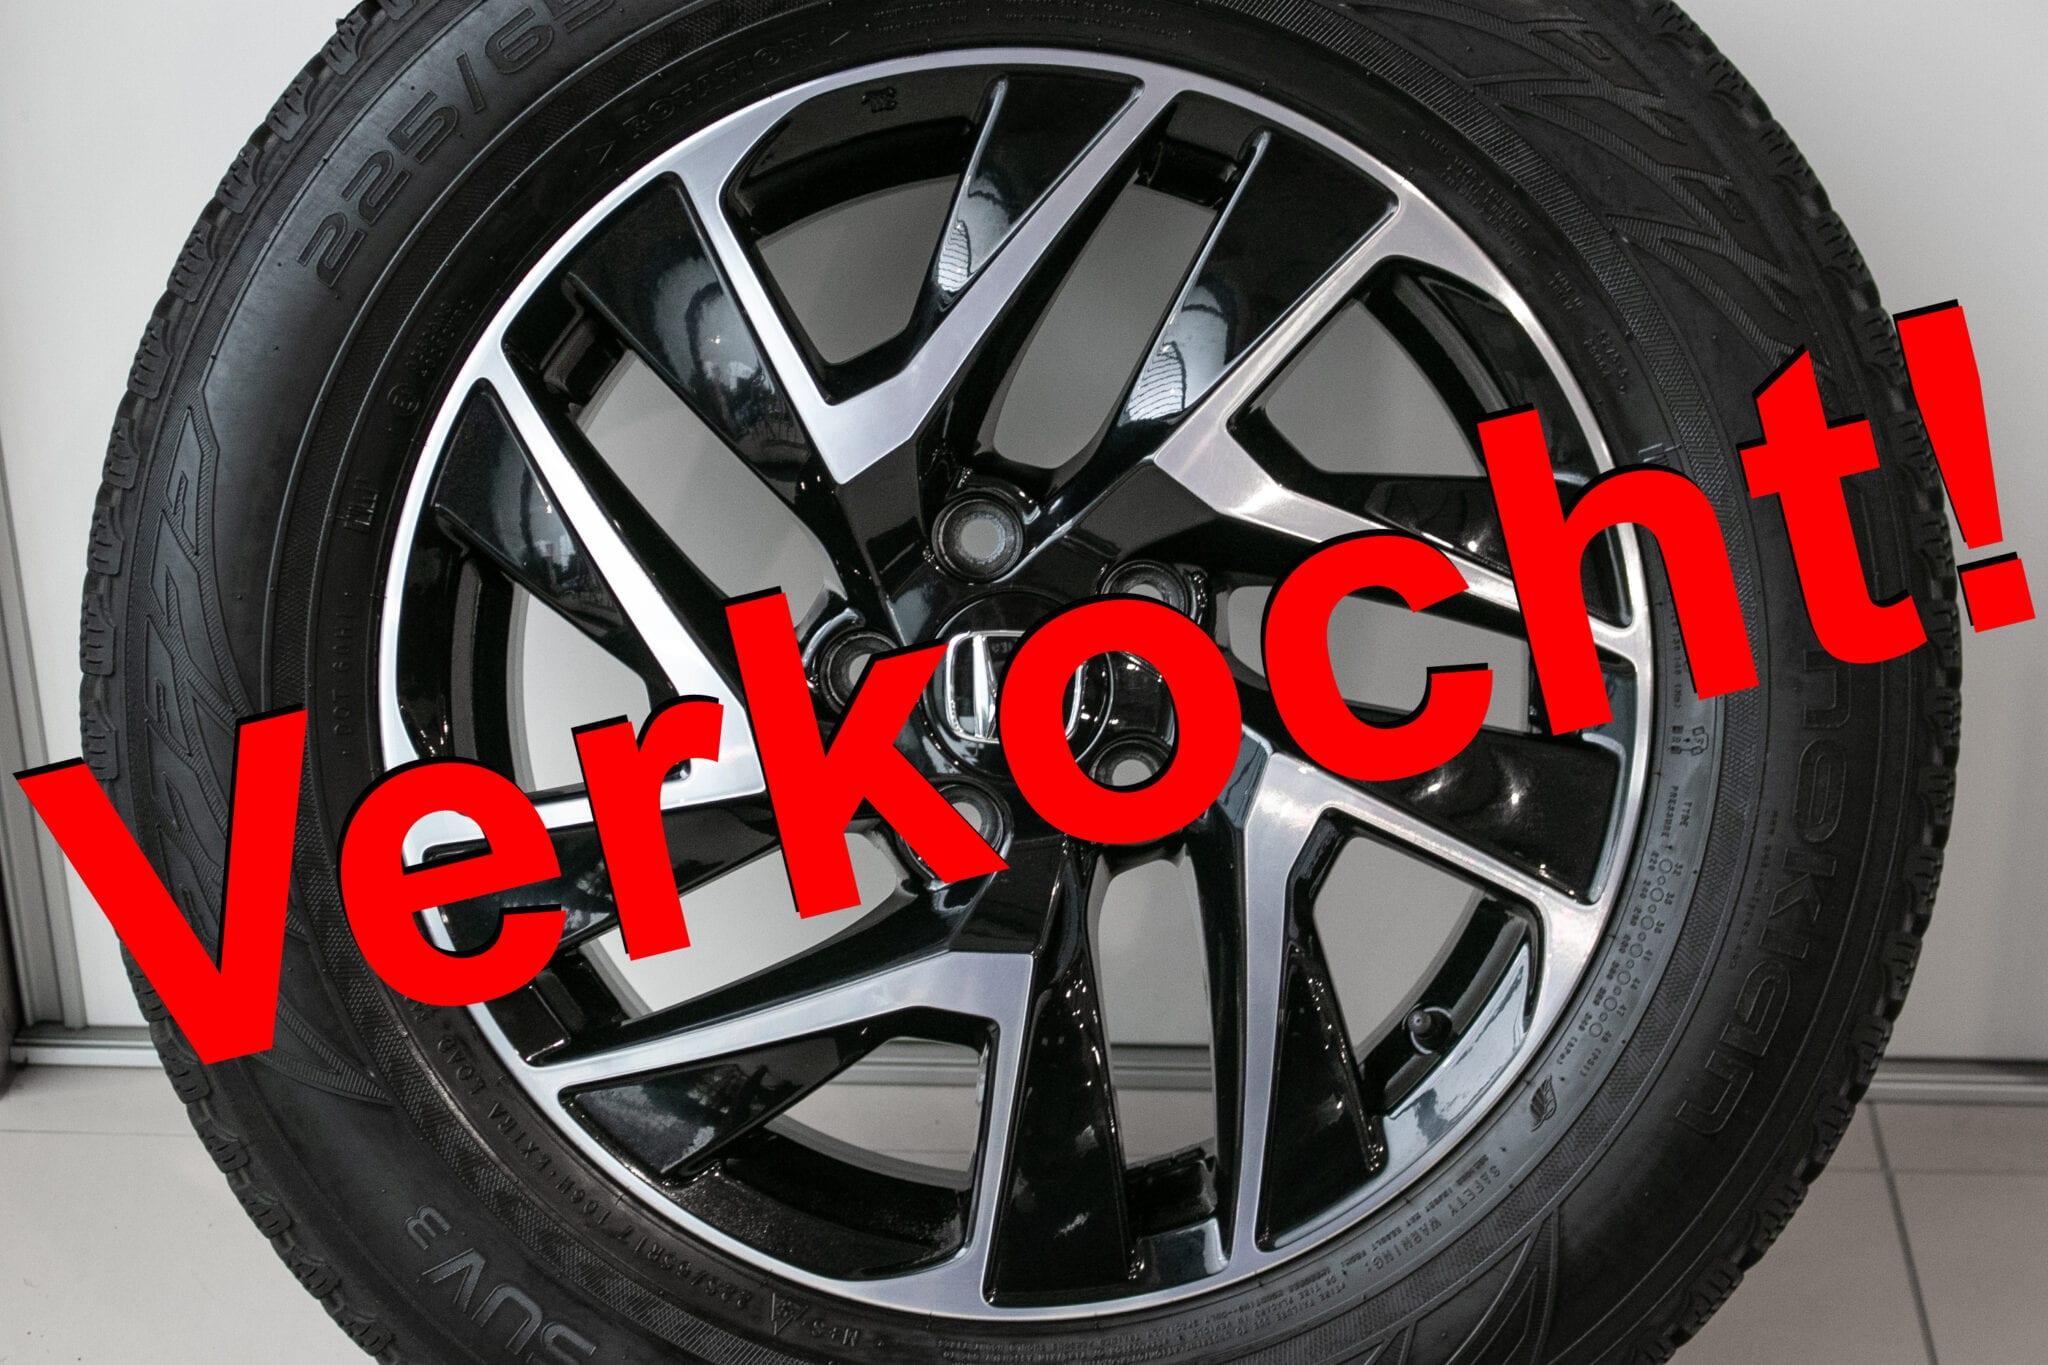 """17"""" Winterwielen voor de Honda CR-V ('07-'17) €650,- Gebruikt. Profieldiepte: 6.1mm - 7.6mm"""